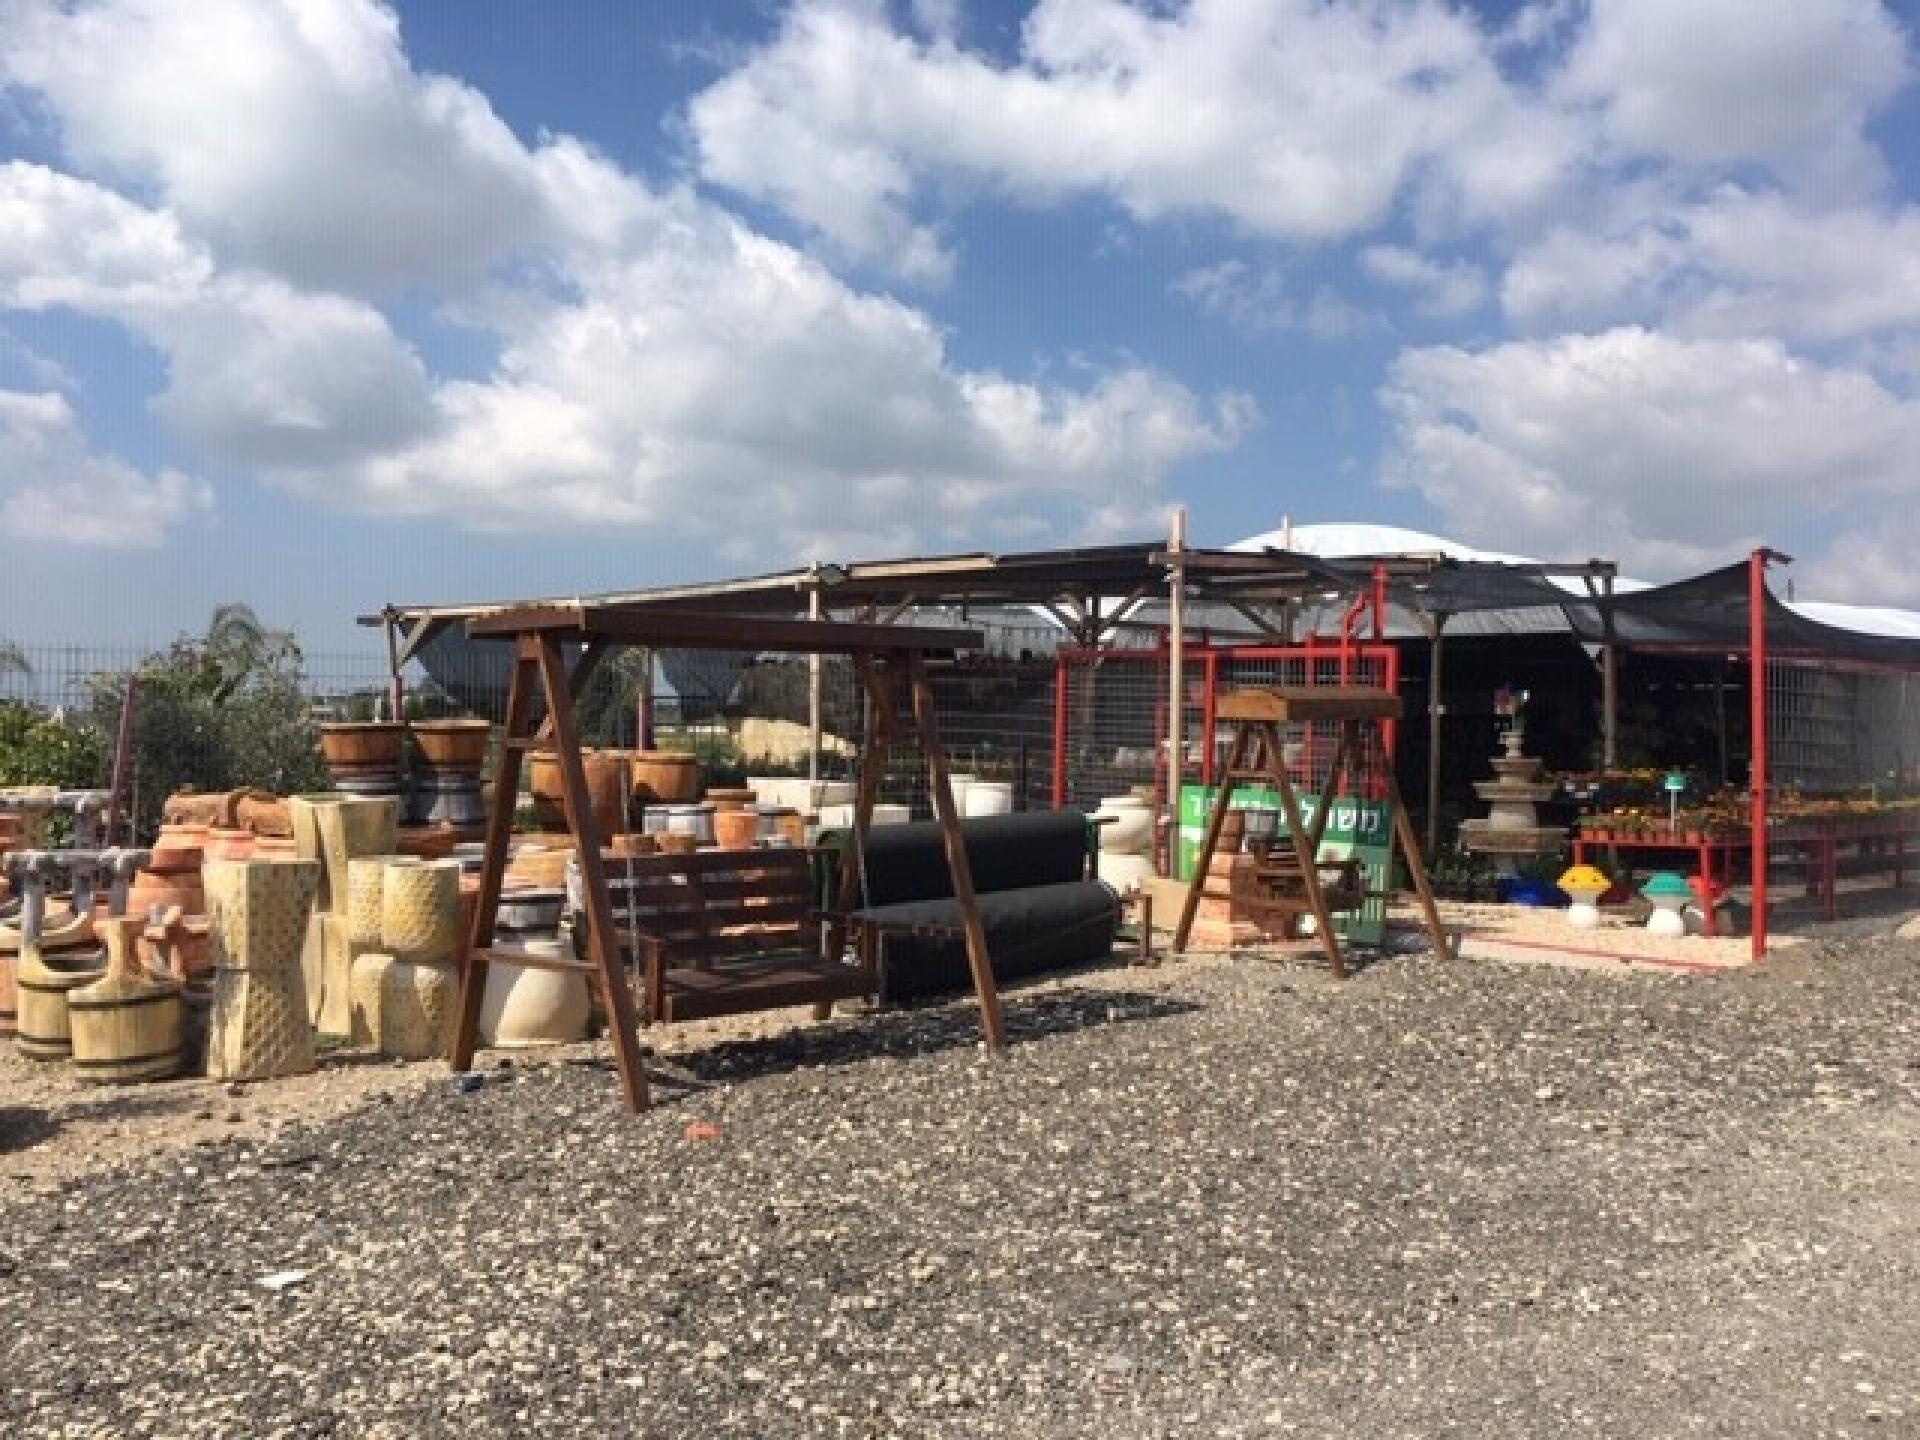 אורנית, חנות-משתלה חדשה בדרך לכפר קאסם